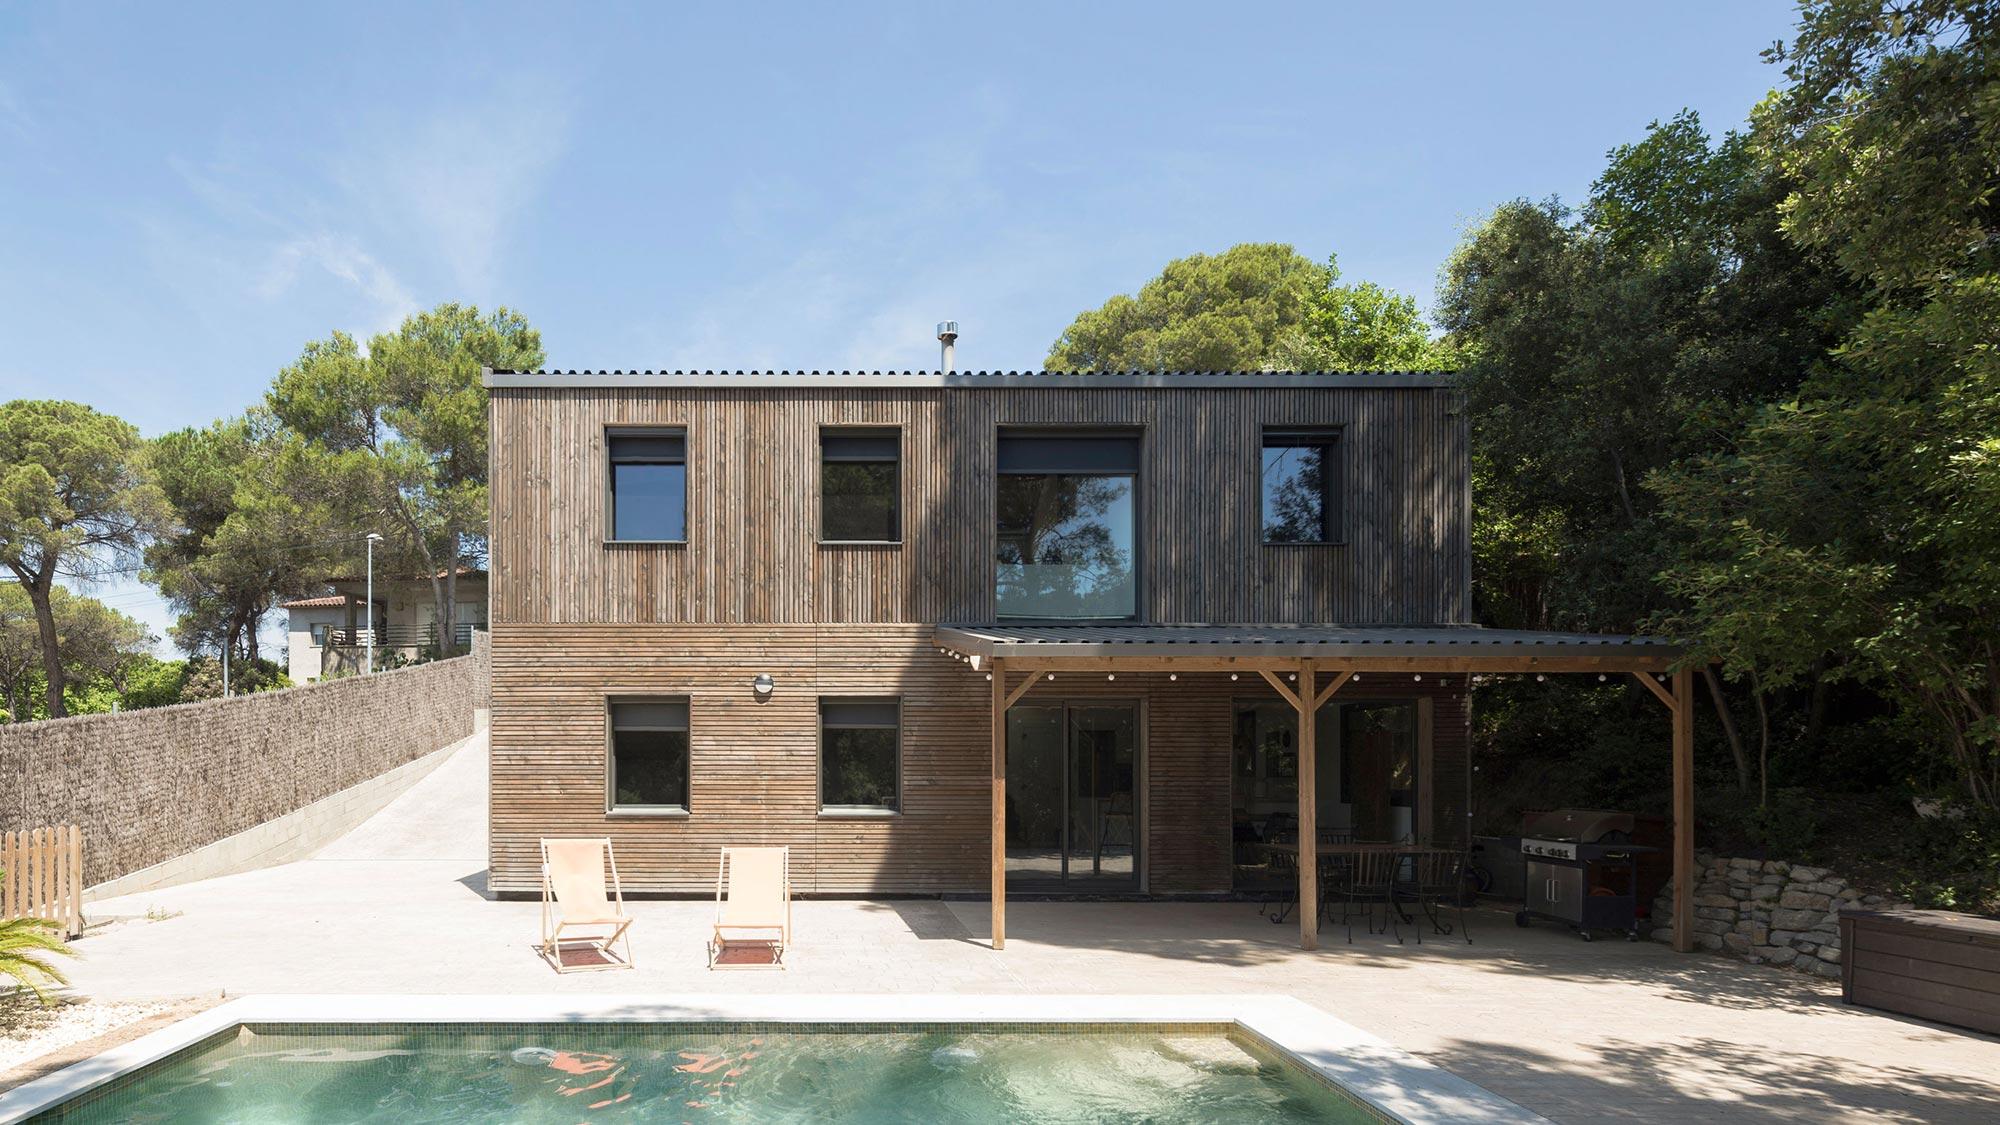 BUD Arquitectura Casas sanas Casa Roots sostenible ecoeficiente casa de madera integrada en el bosque climatización sana sostenible